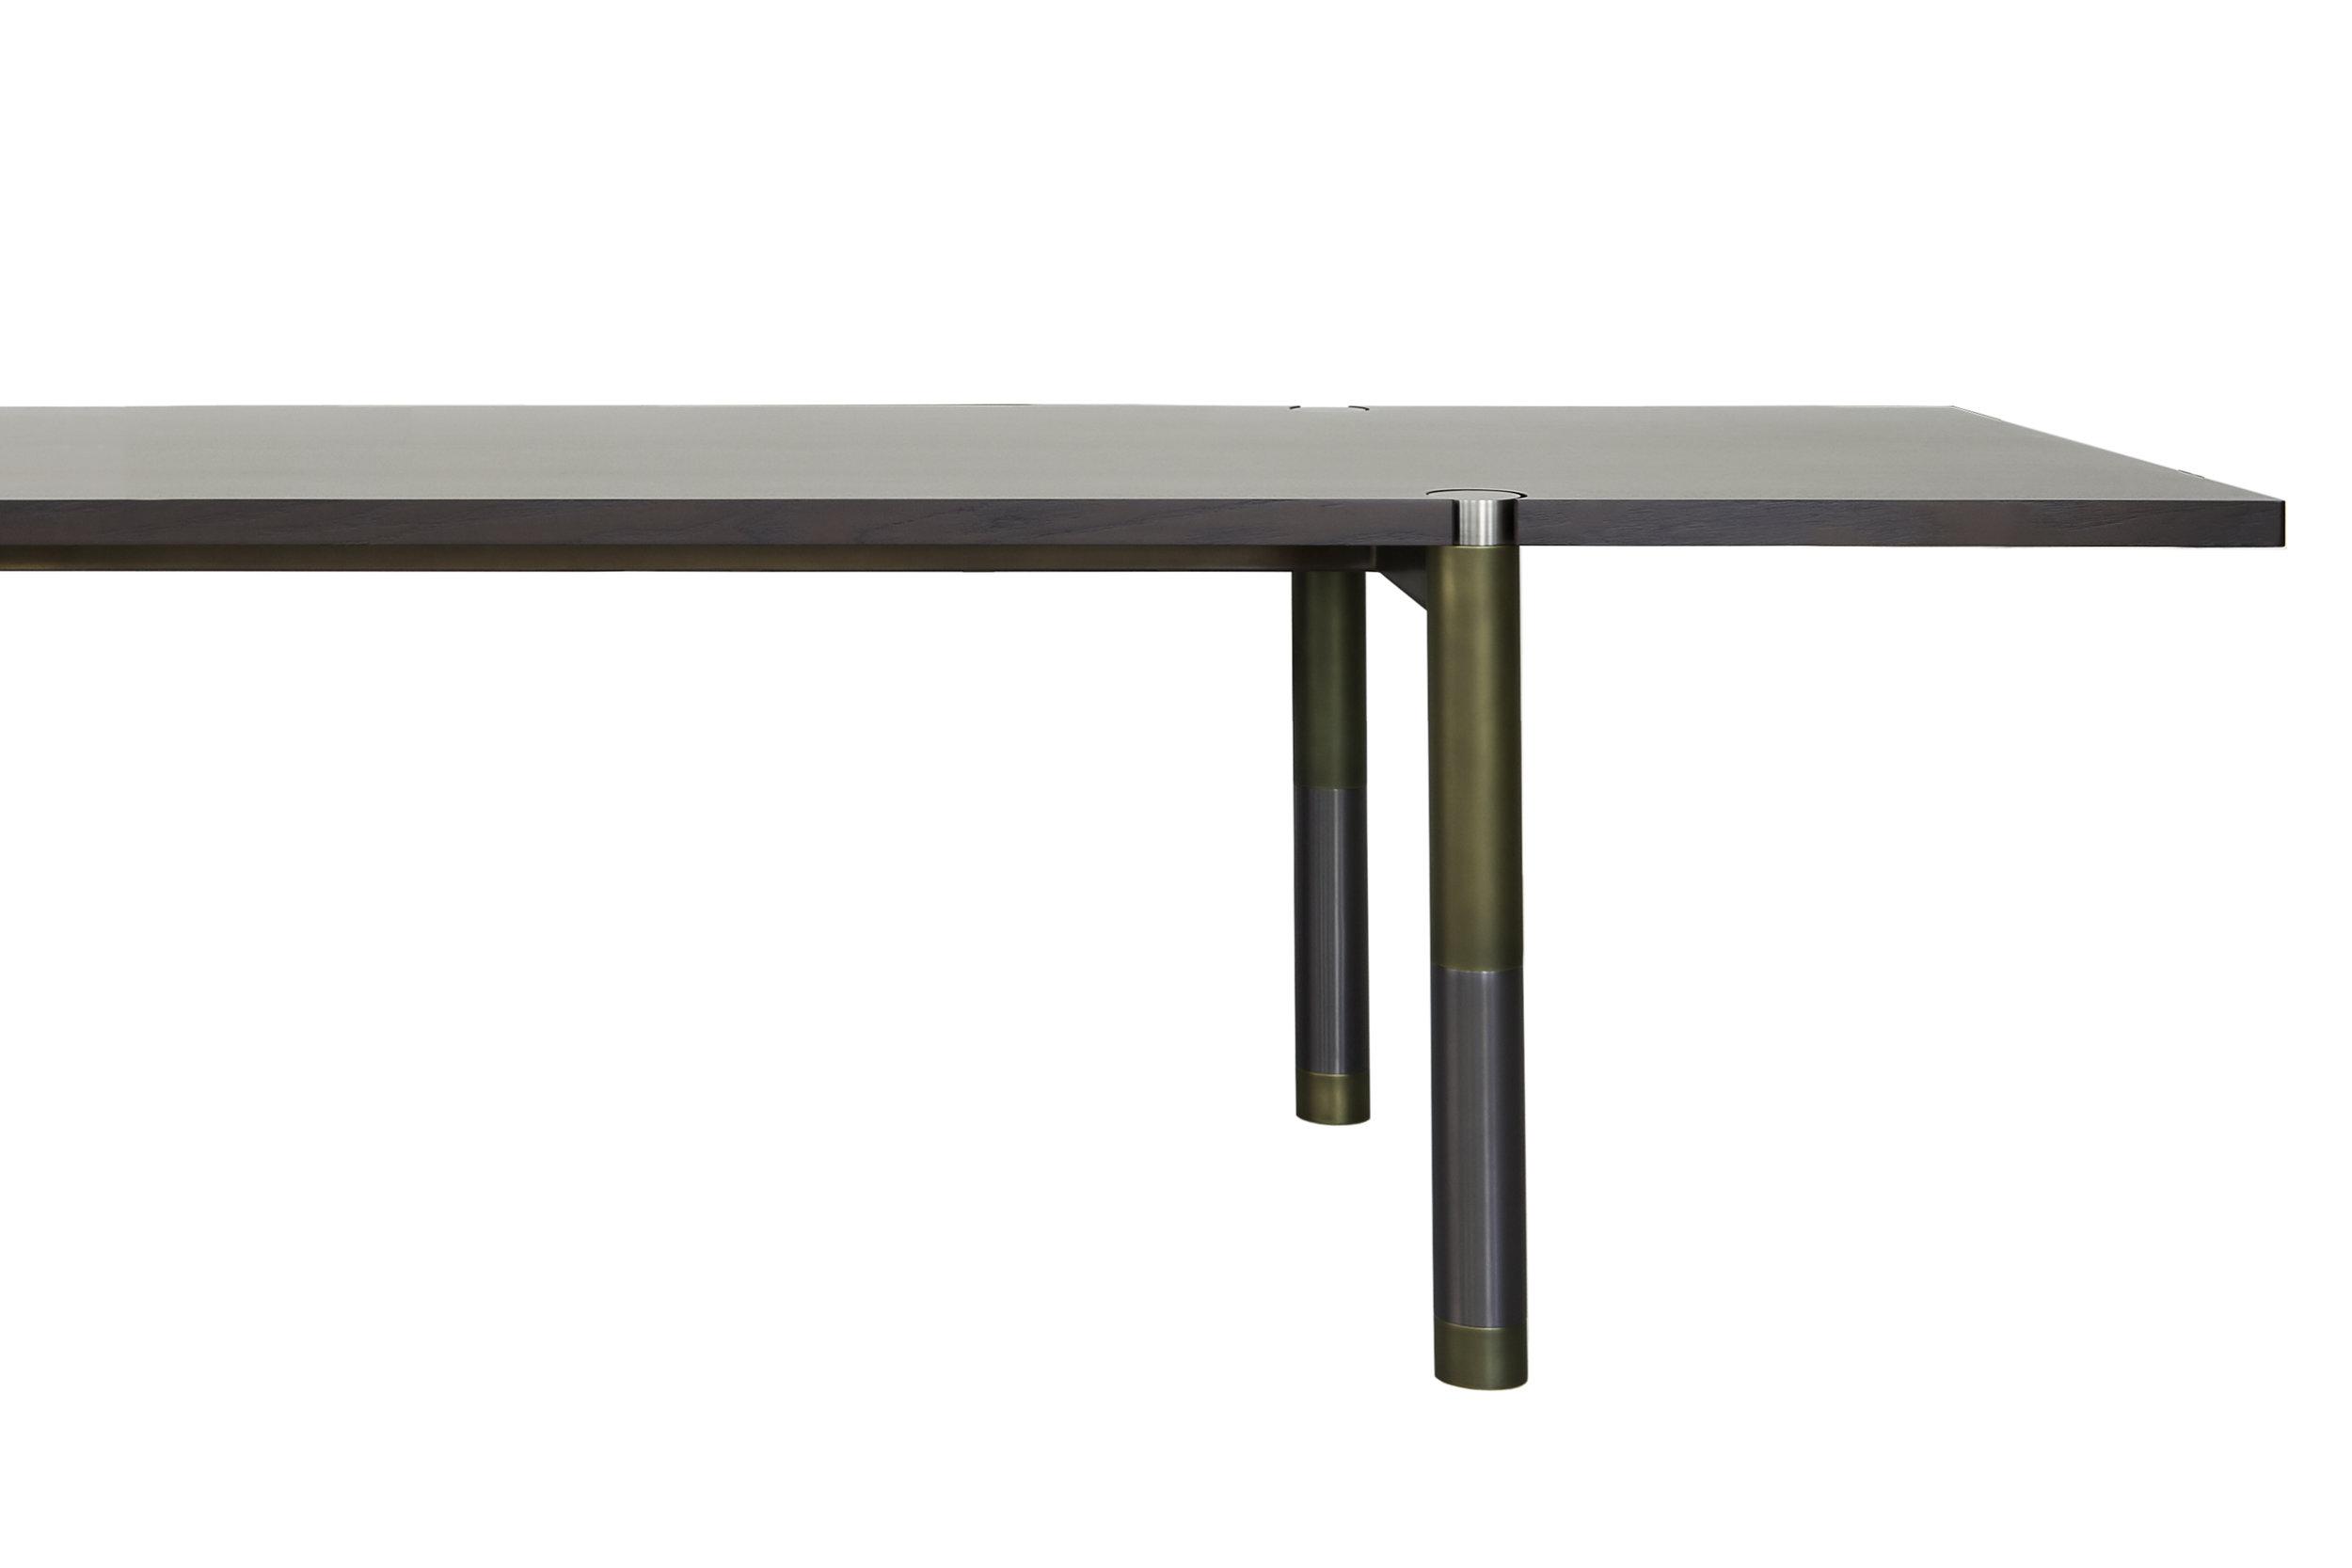 Avram_Rusu_Nova_Dining_Table_2.jpg